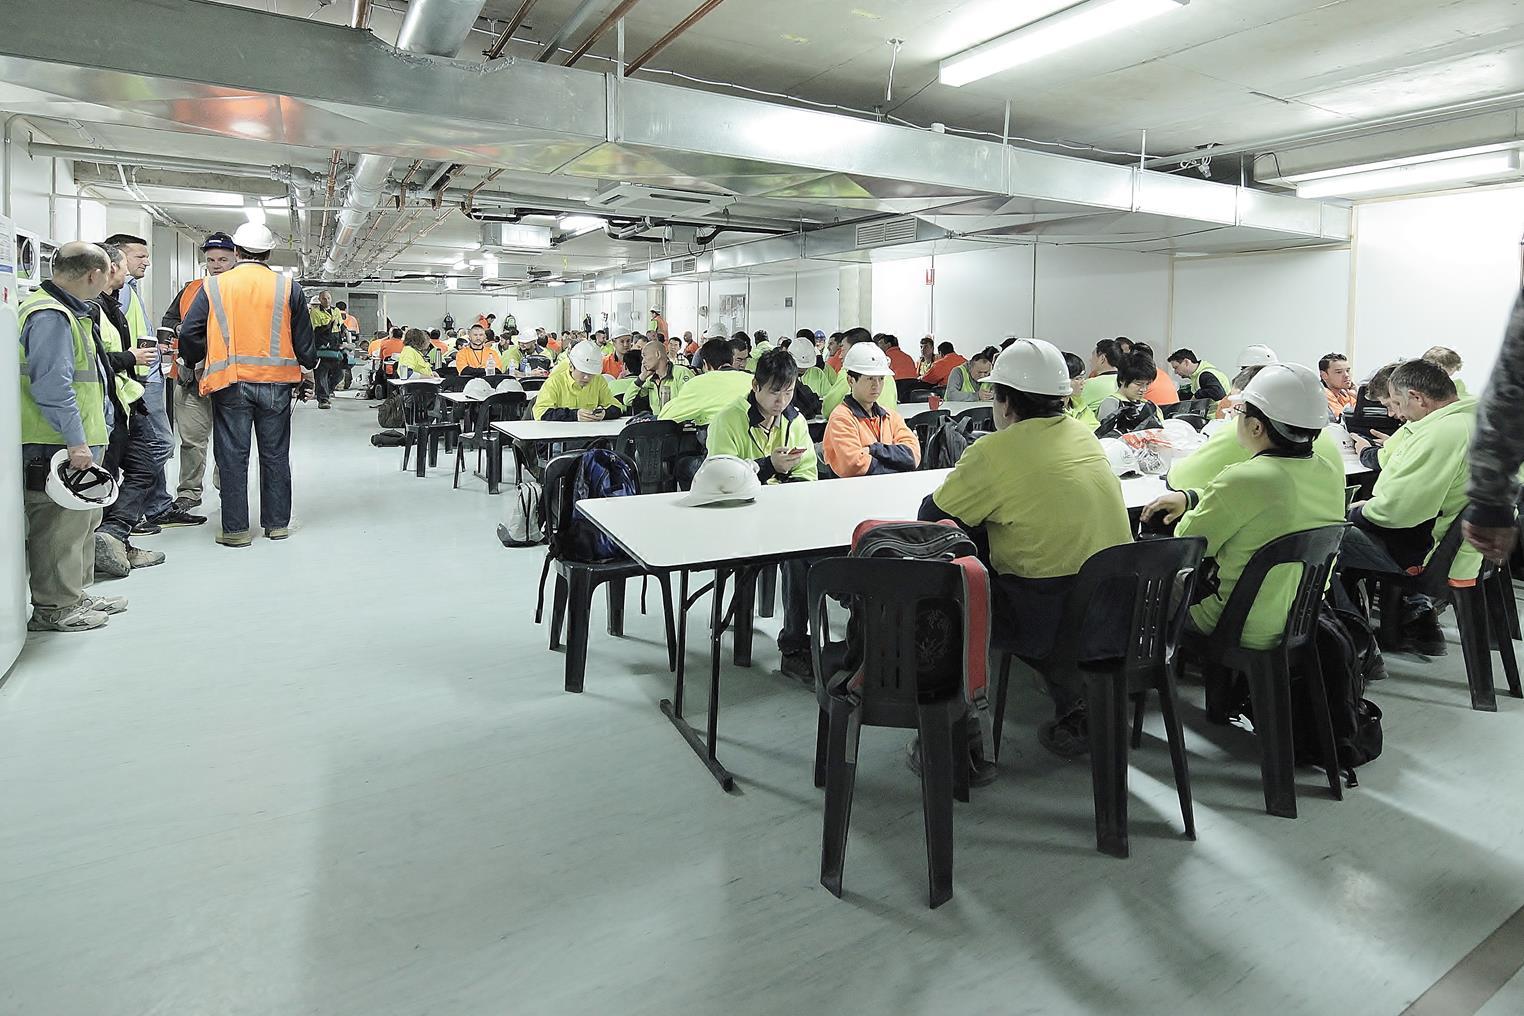 NRAH-workforce-1